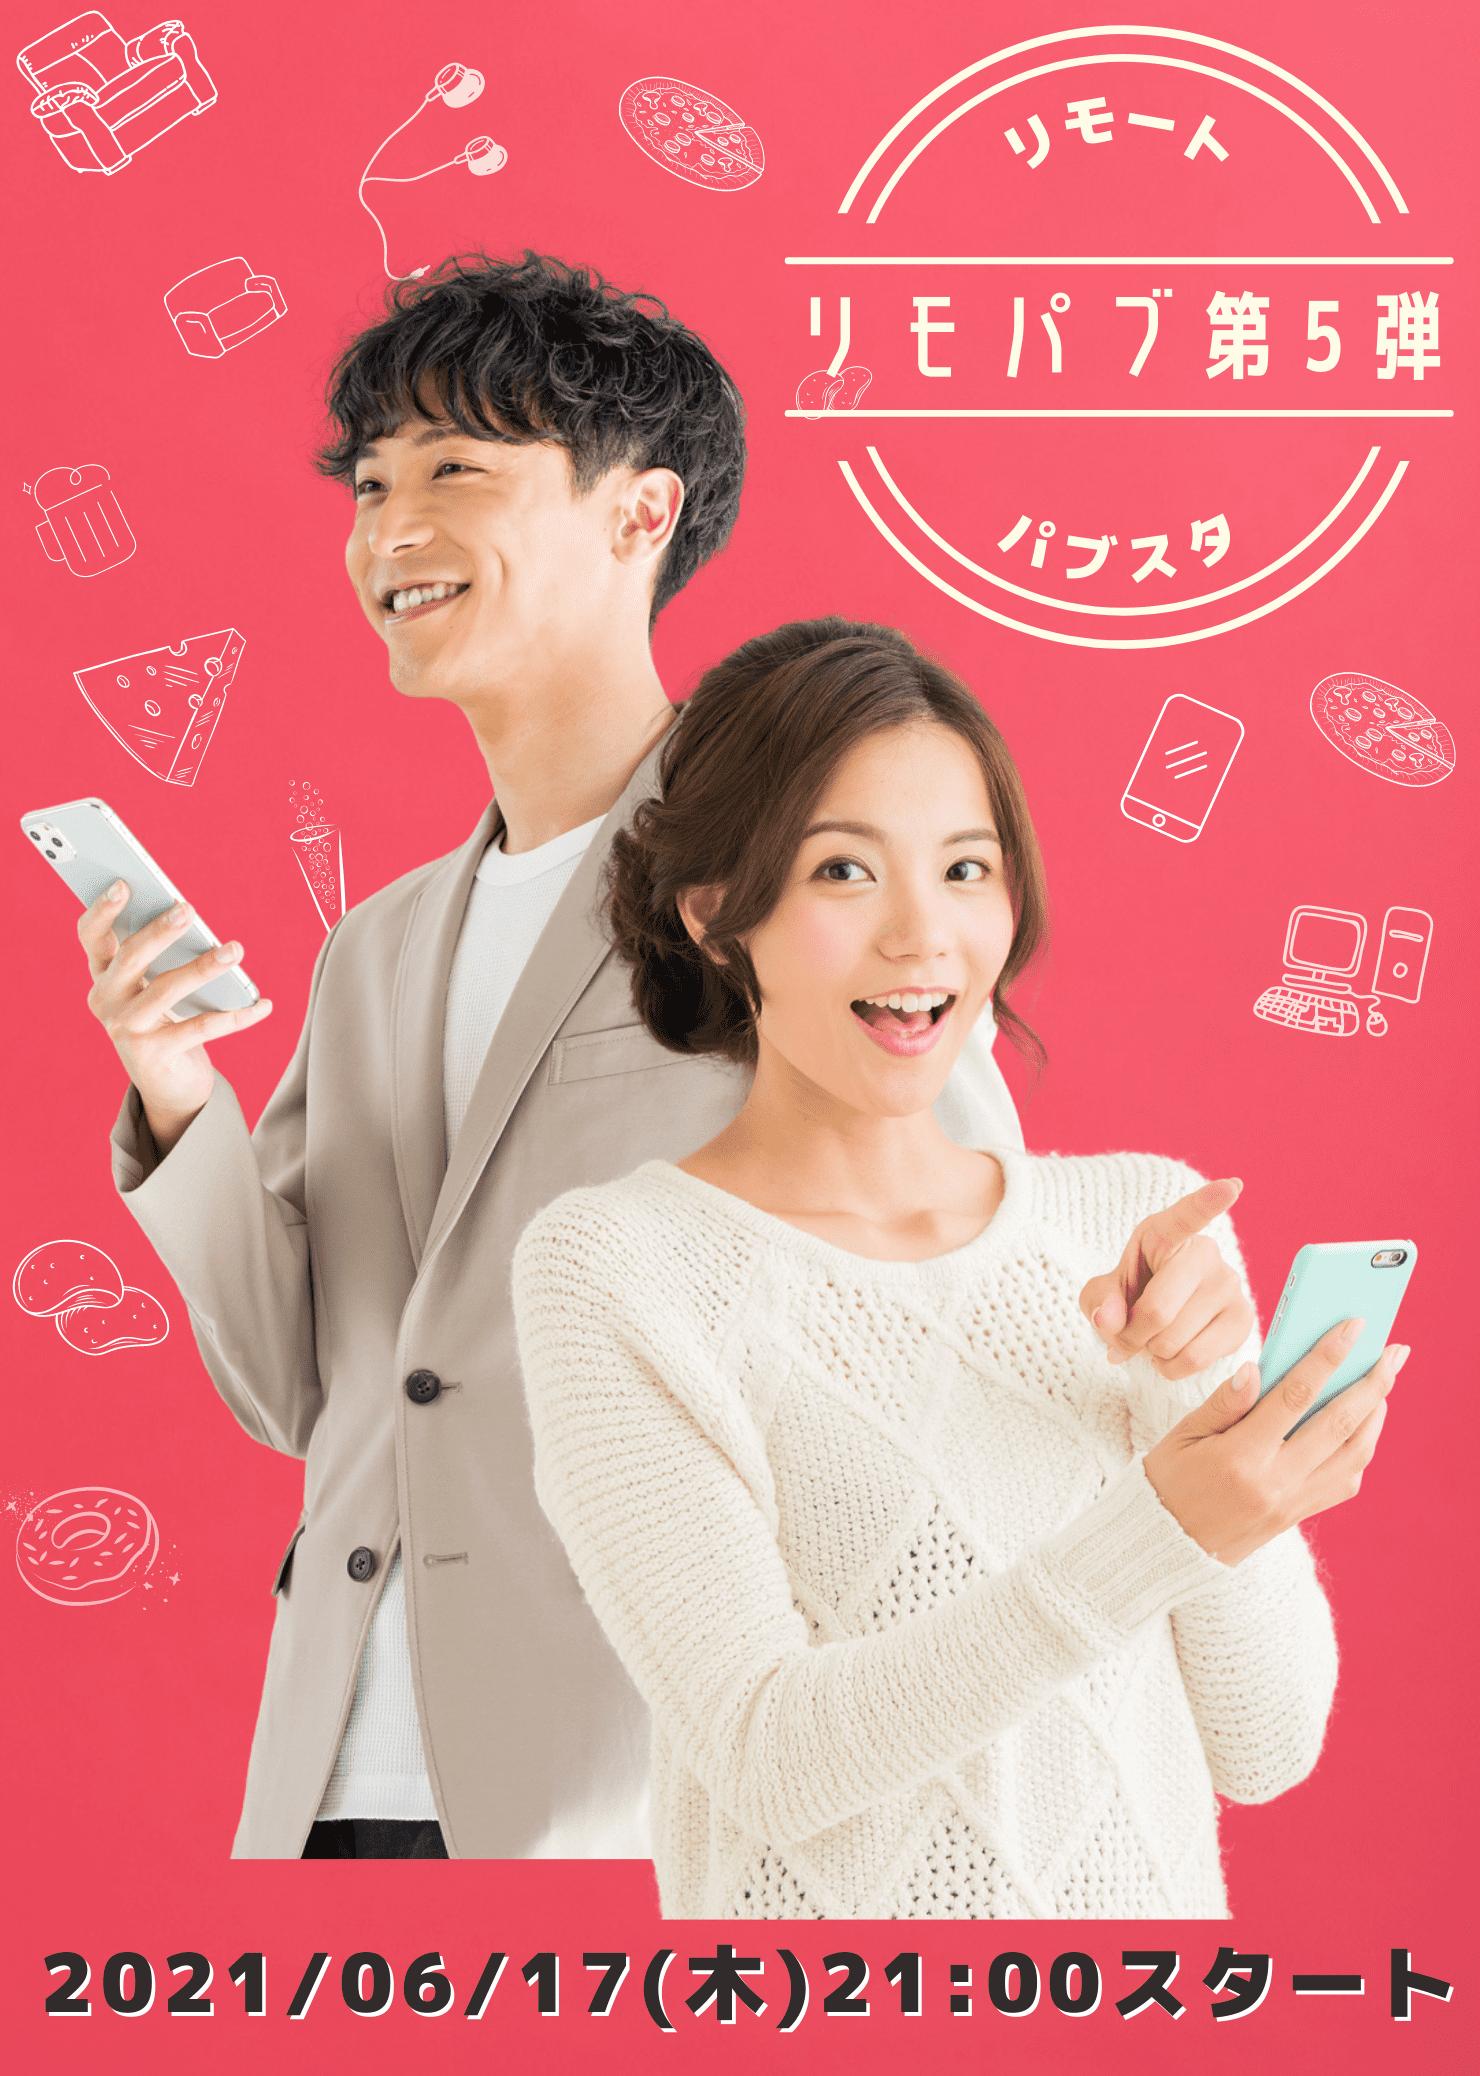 リモパブ第5弾!!_6/17(Thu)<br>無料開催!!